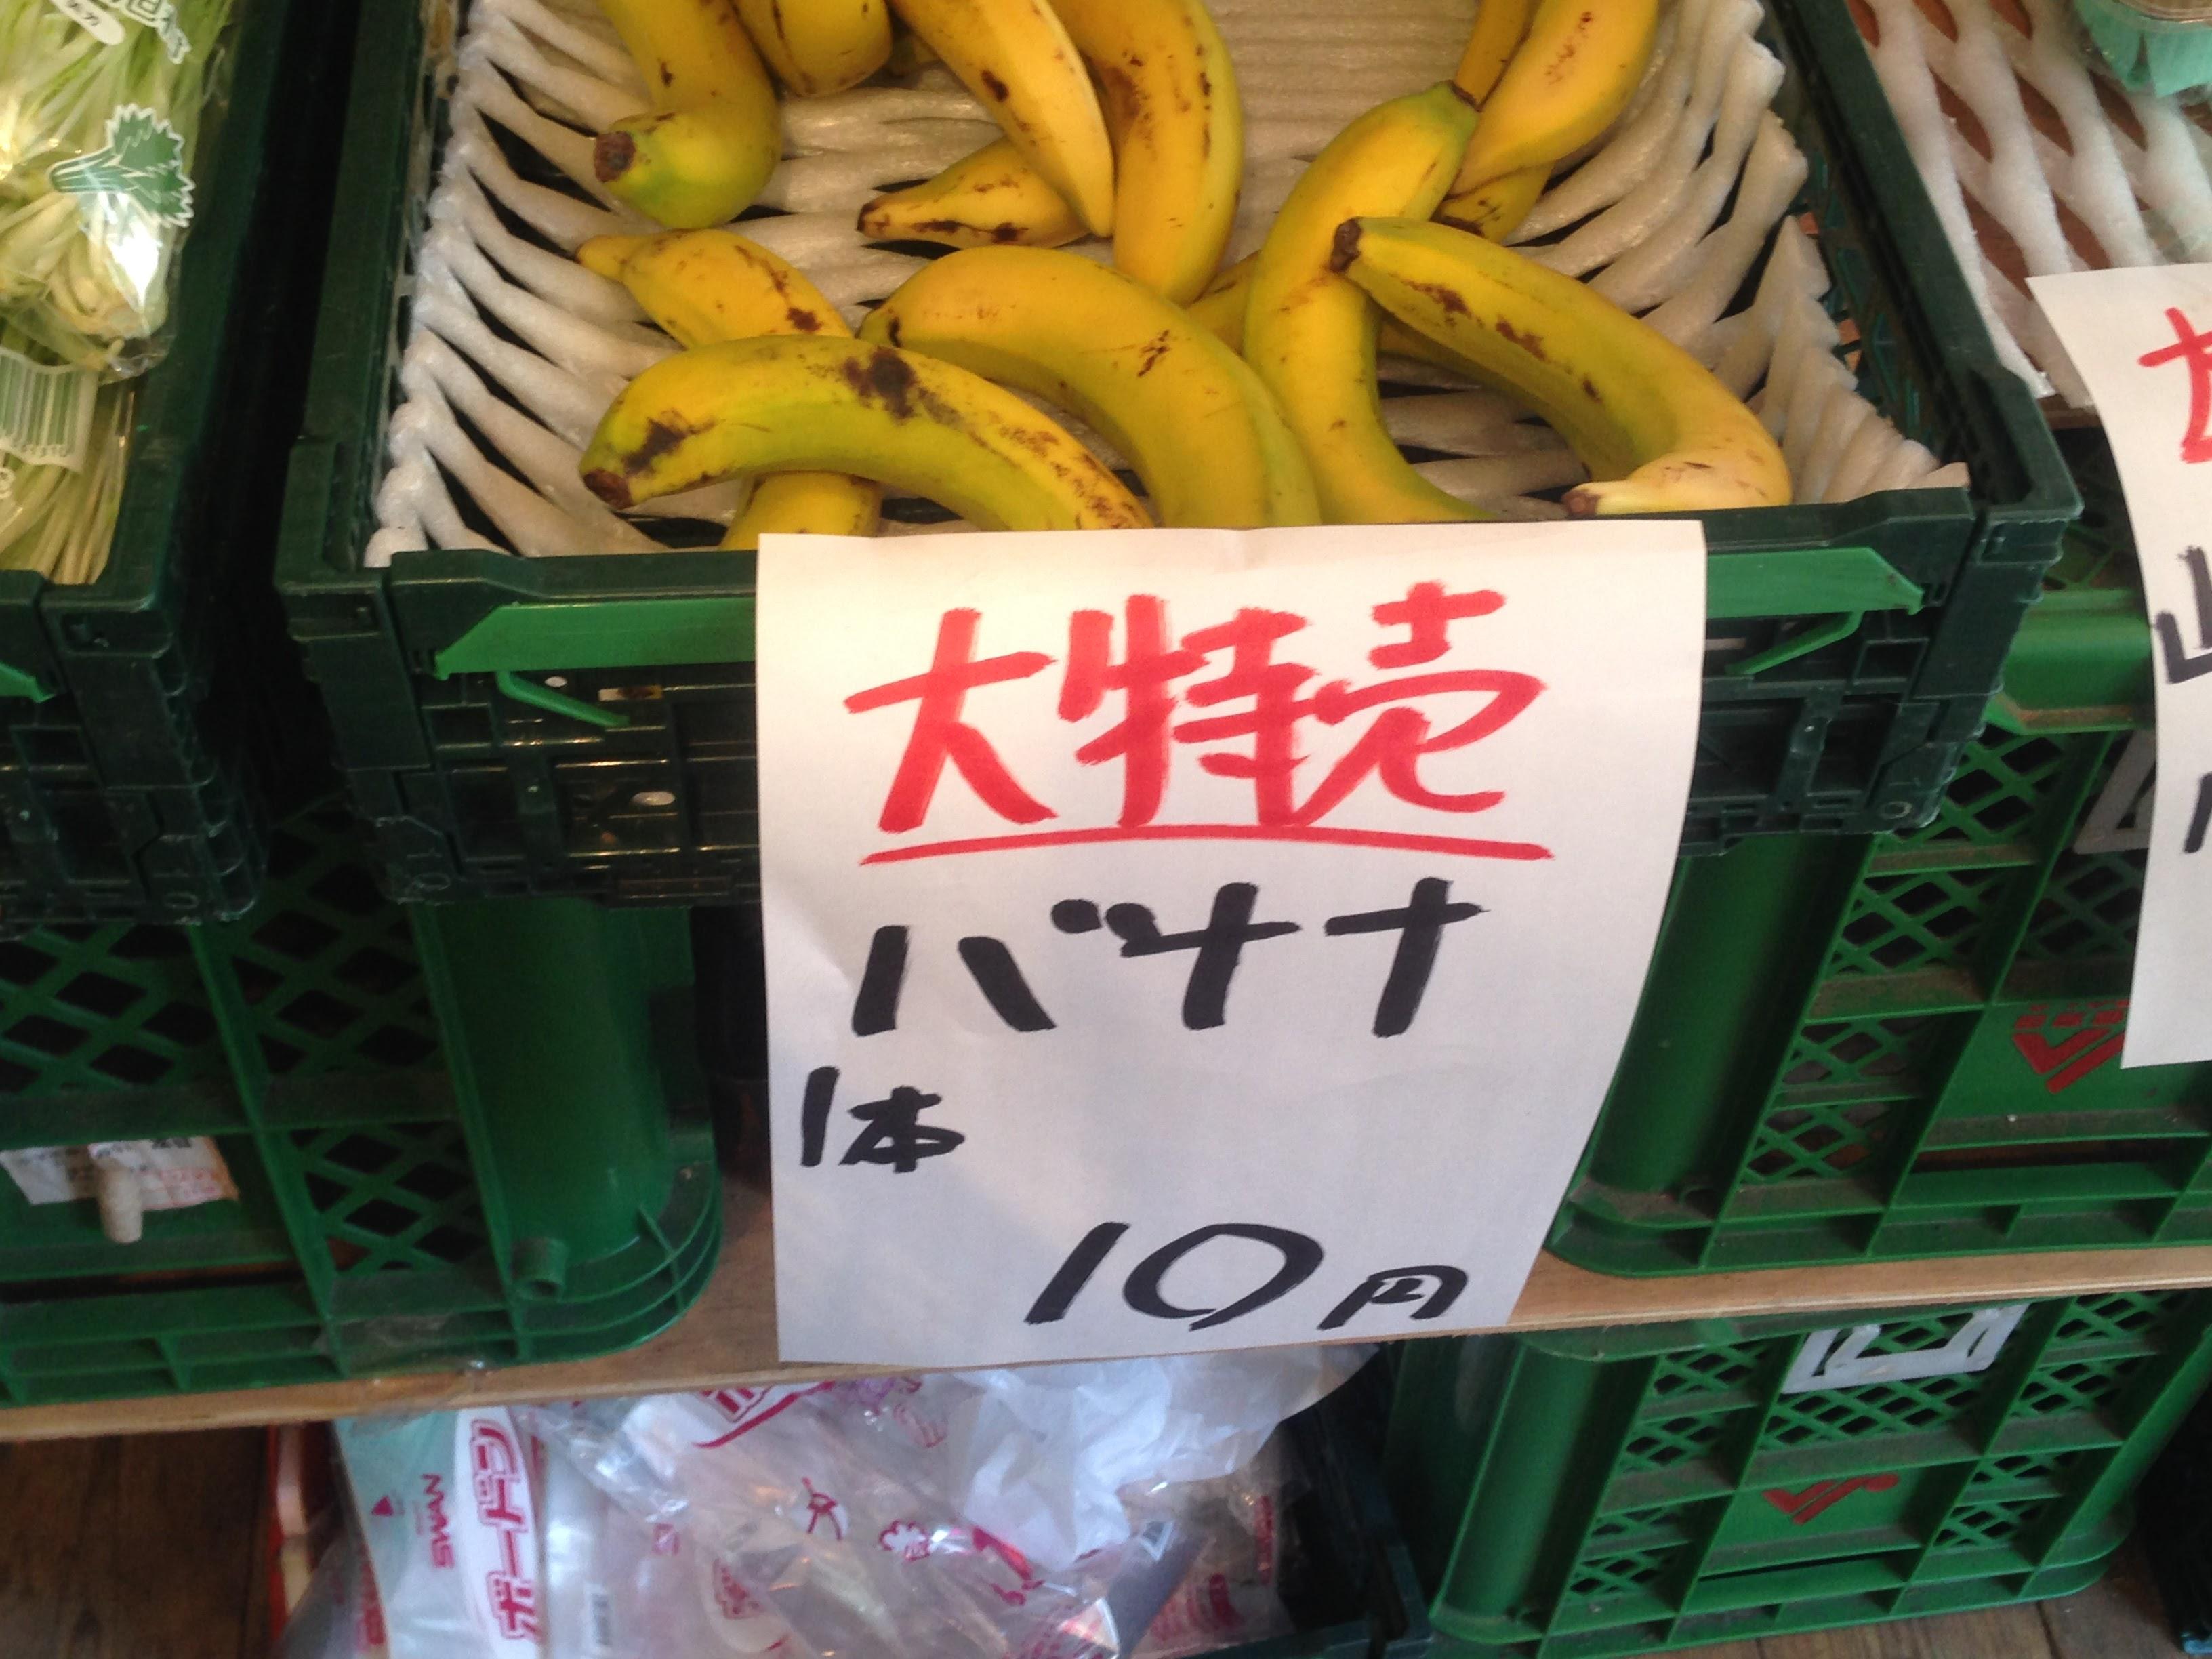 10円 バナナ